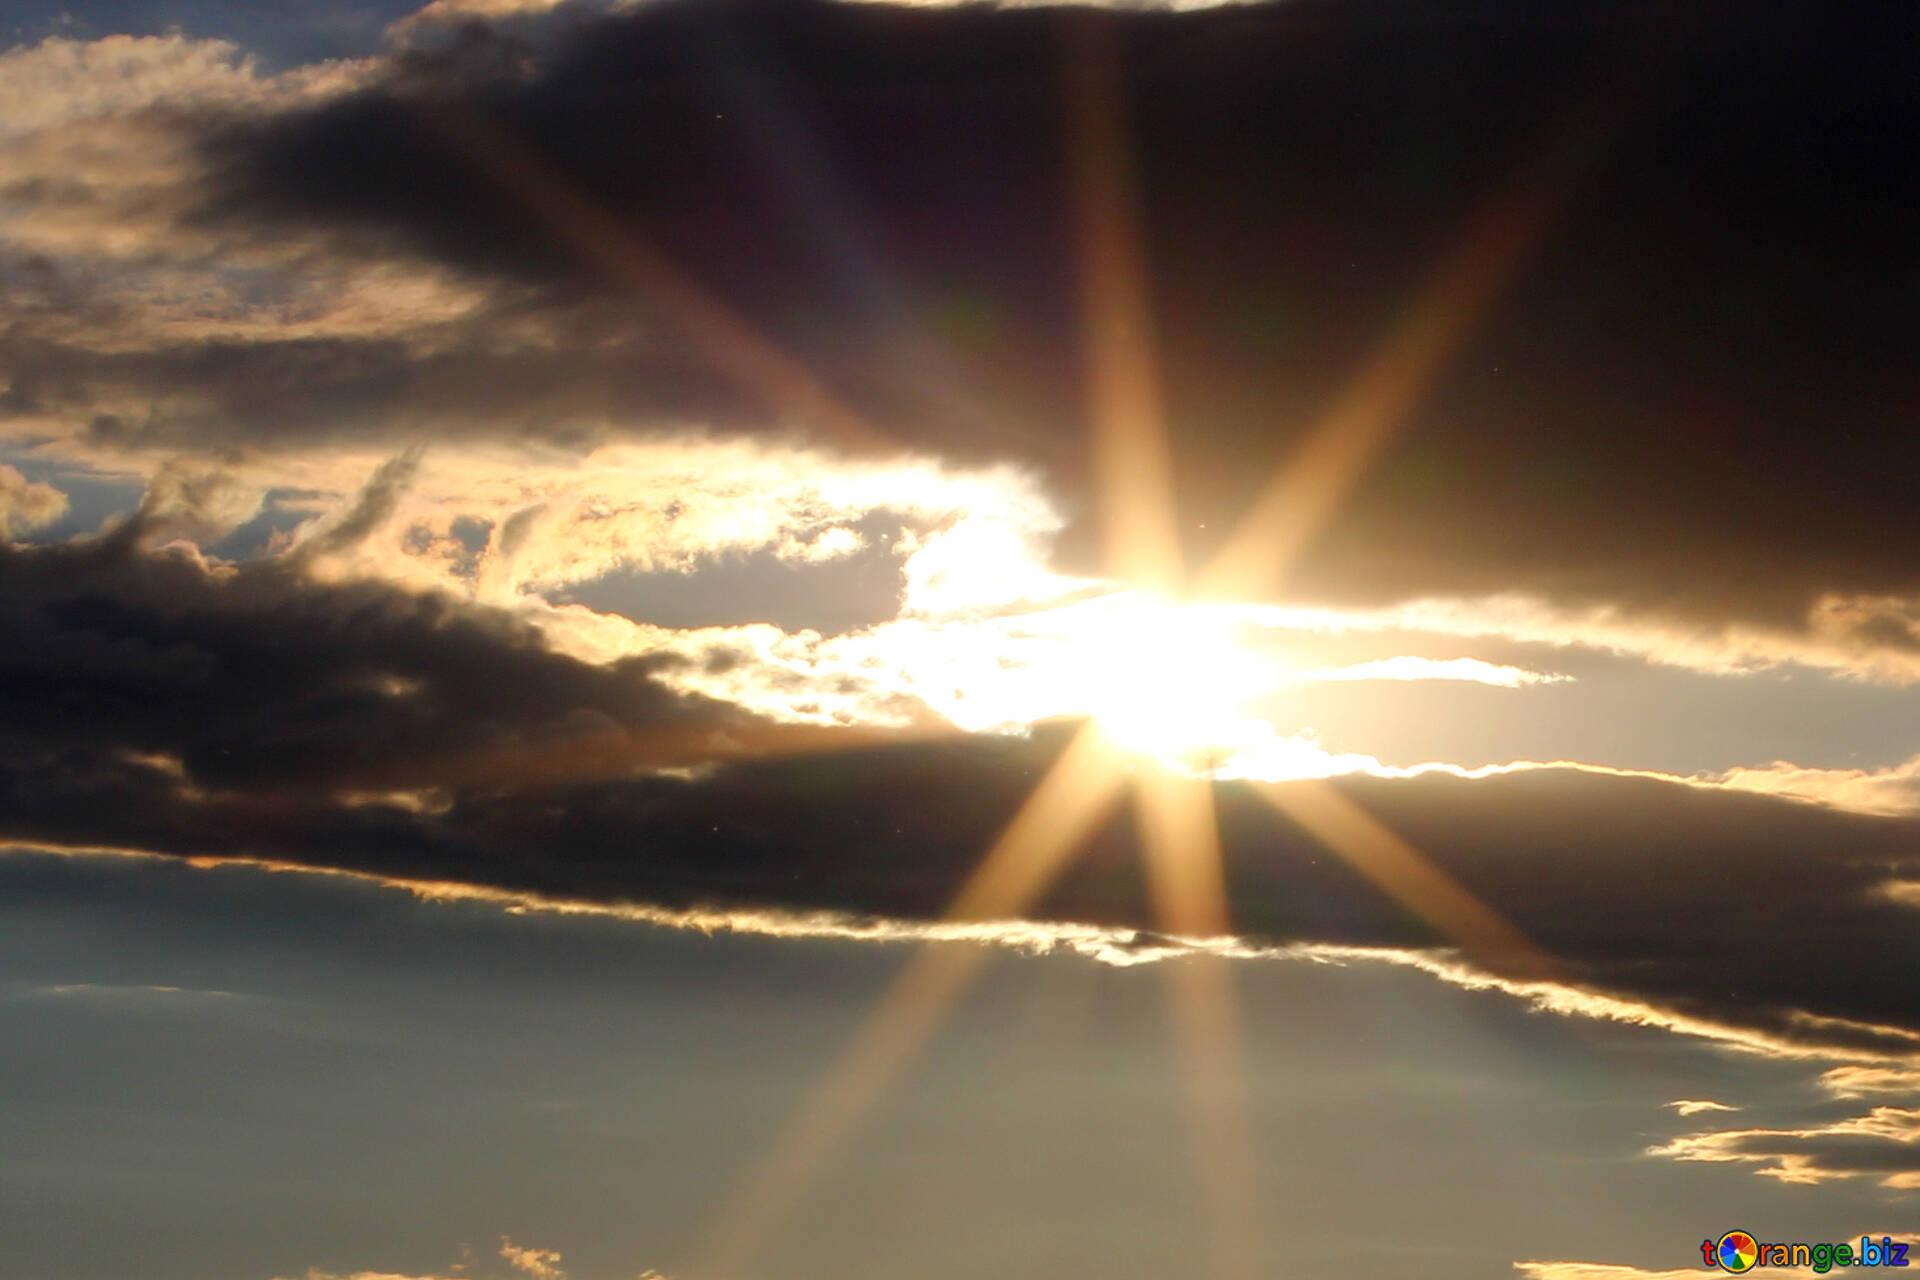 Fondo De Pantalla Puesta De Sol Imagen El Sol Entre Las Nubes Imagens La Puesta Del Sol 36512 Torange Biz